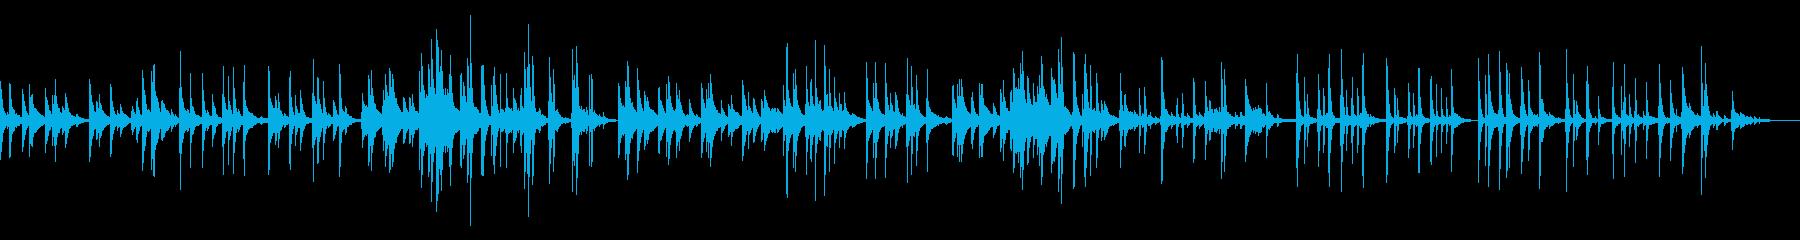 家路・ピアノソロ・アレンジの再生済みの波形